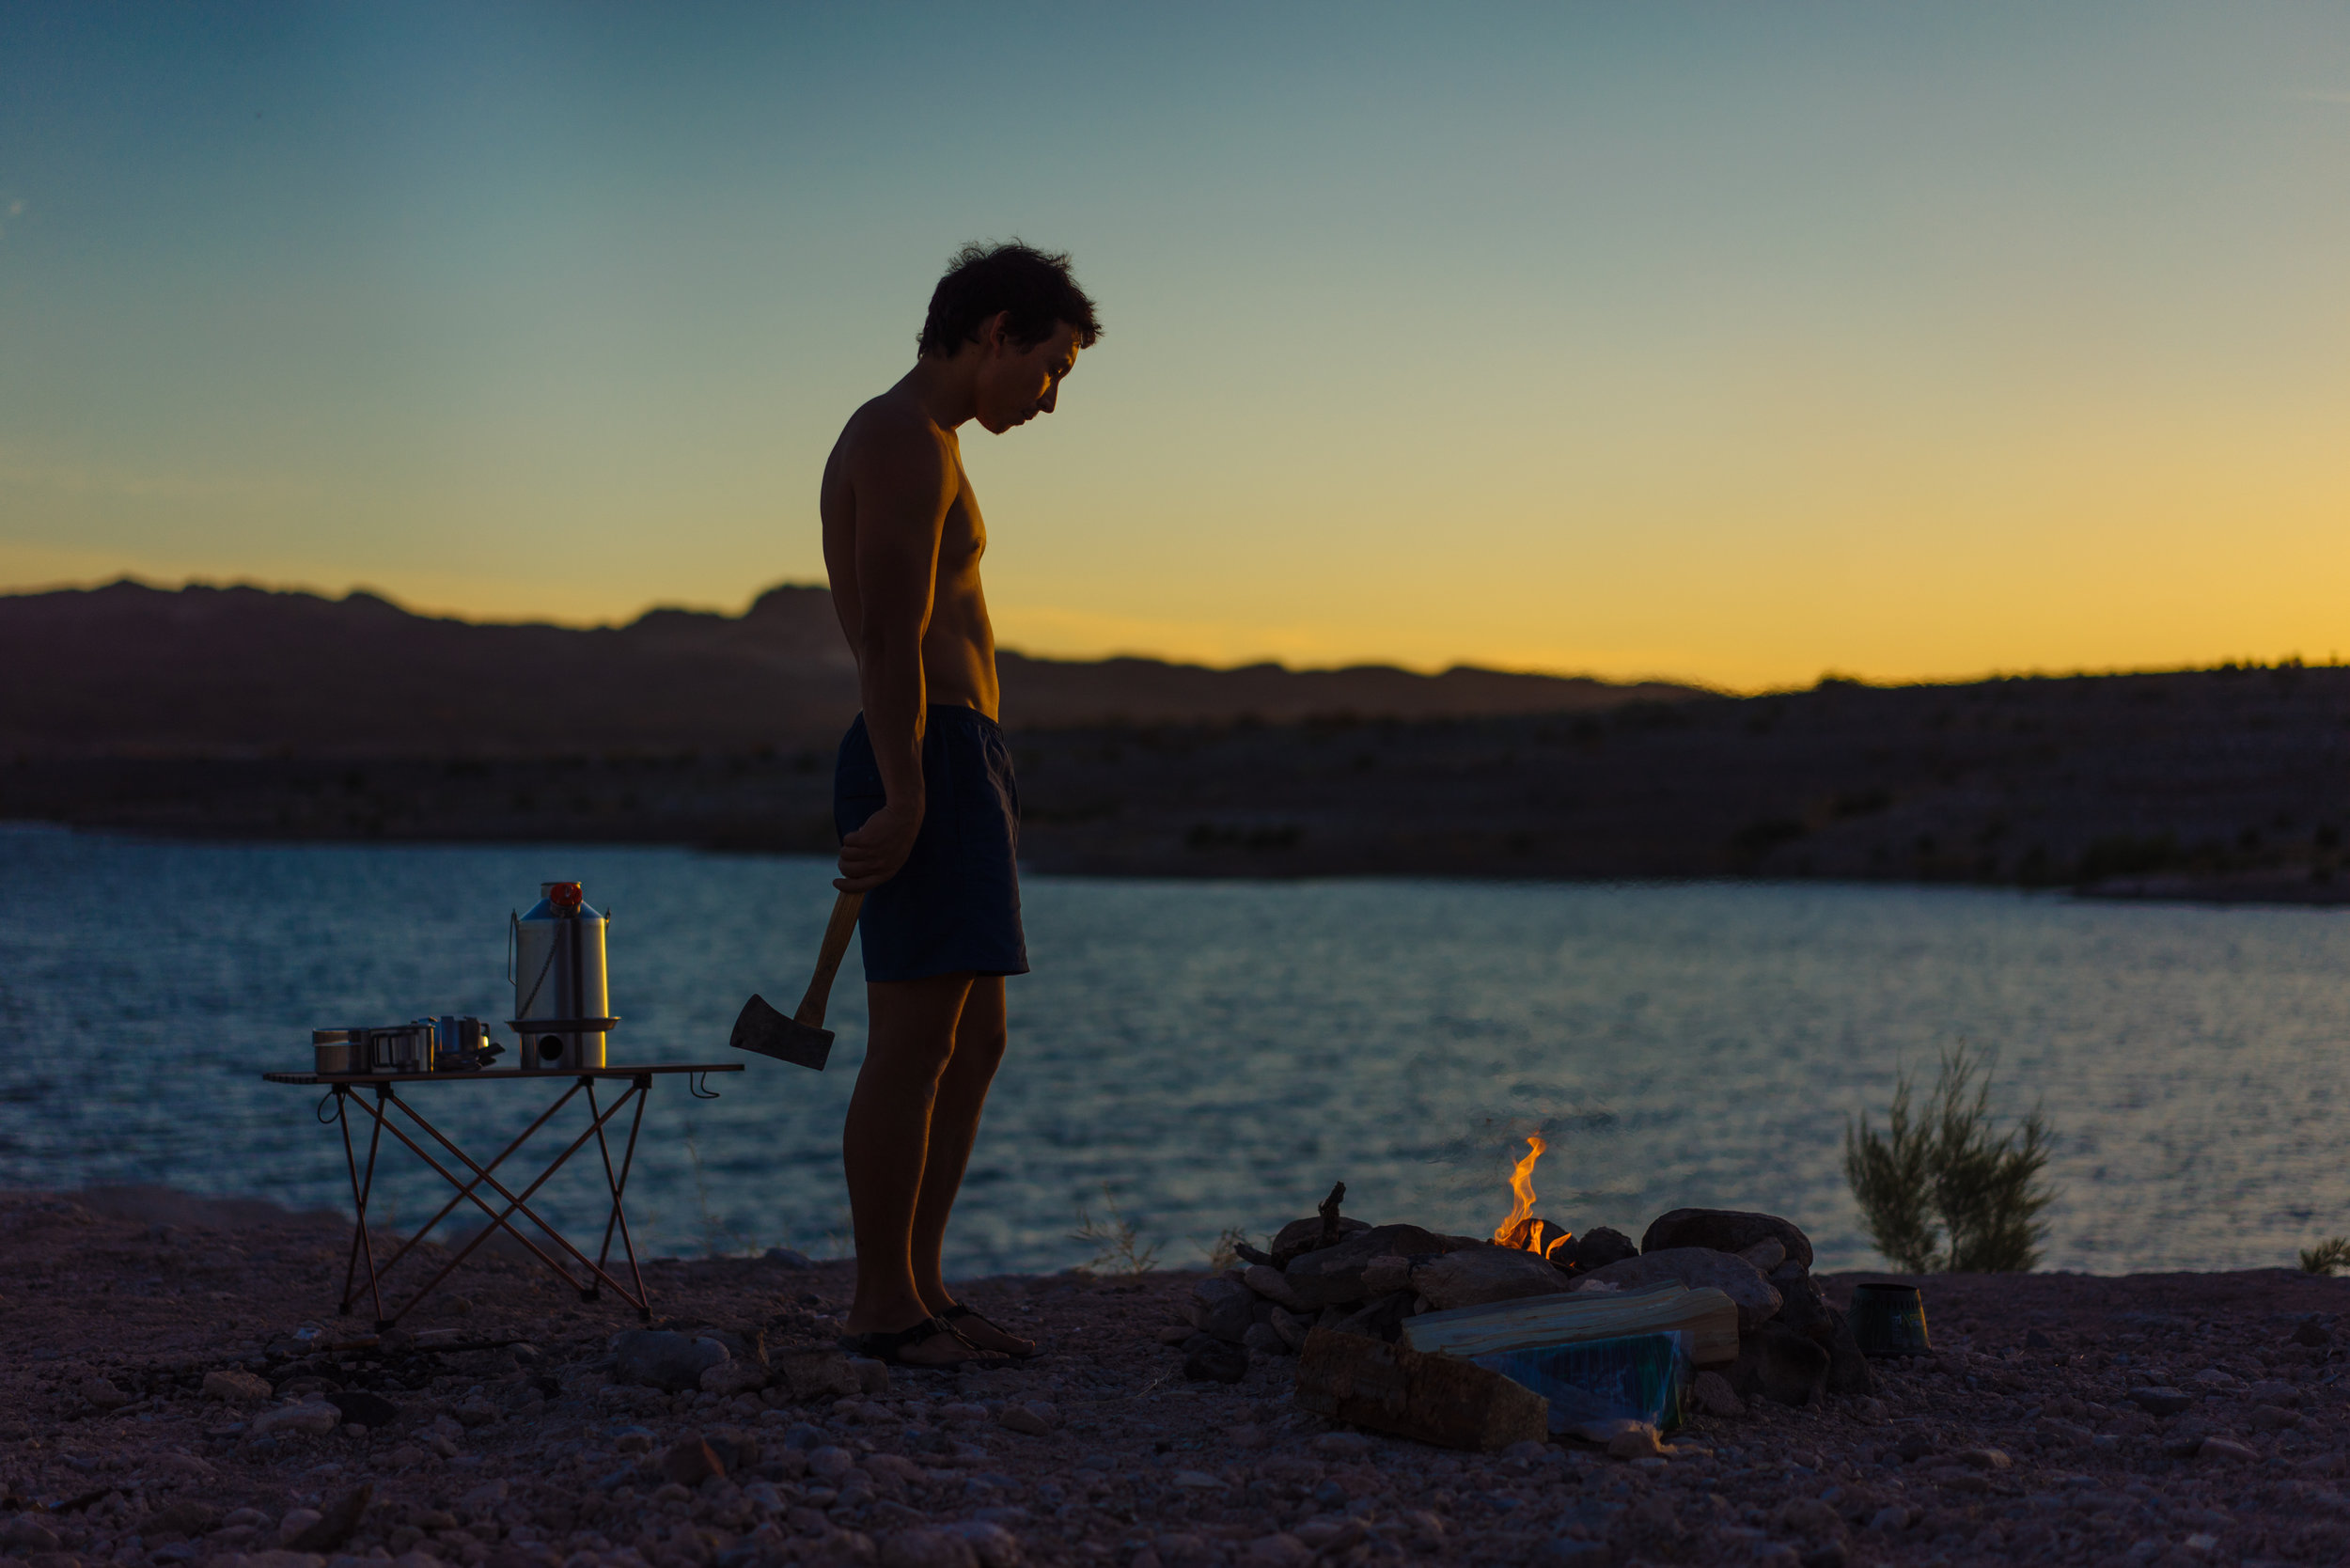 Killer sunset over Lake Mead, NV